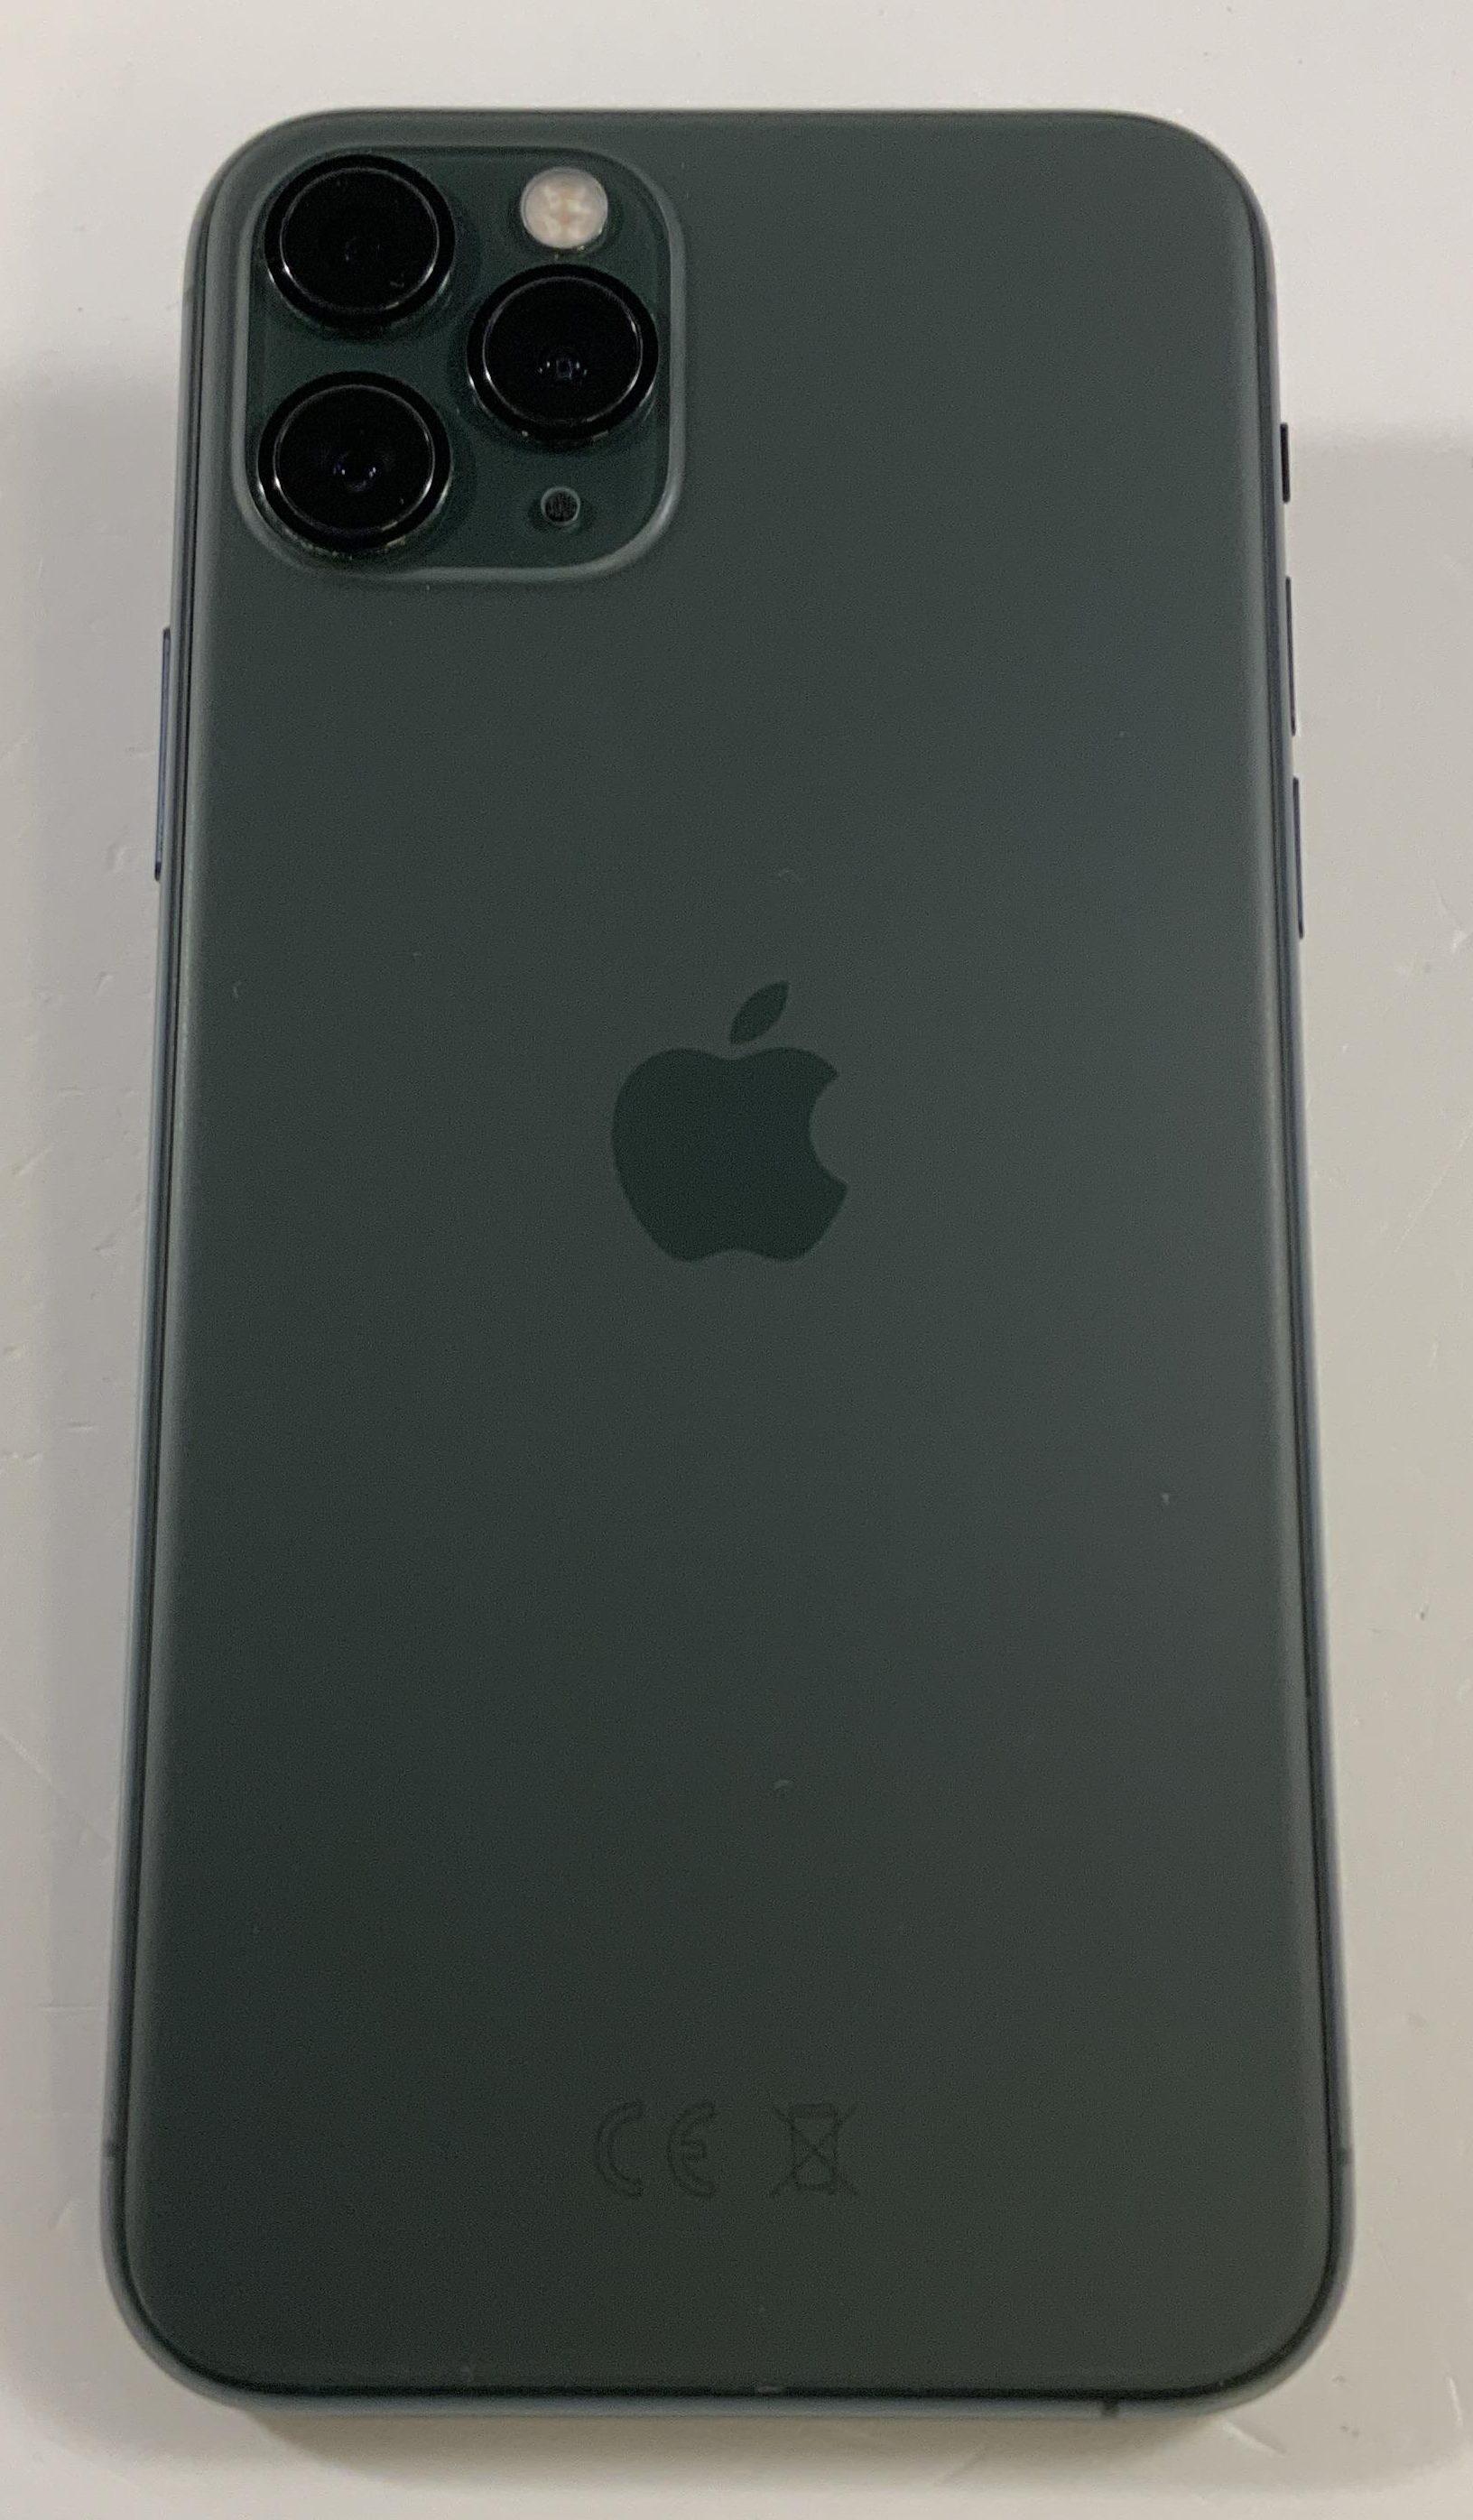 iPhone 11 Pro 64GB, 64GB, Midnight Green, immagine 2